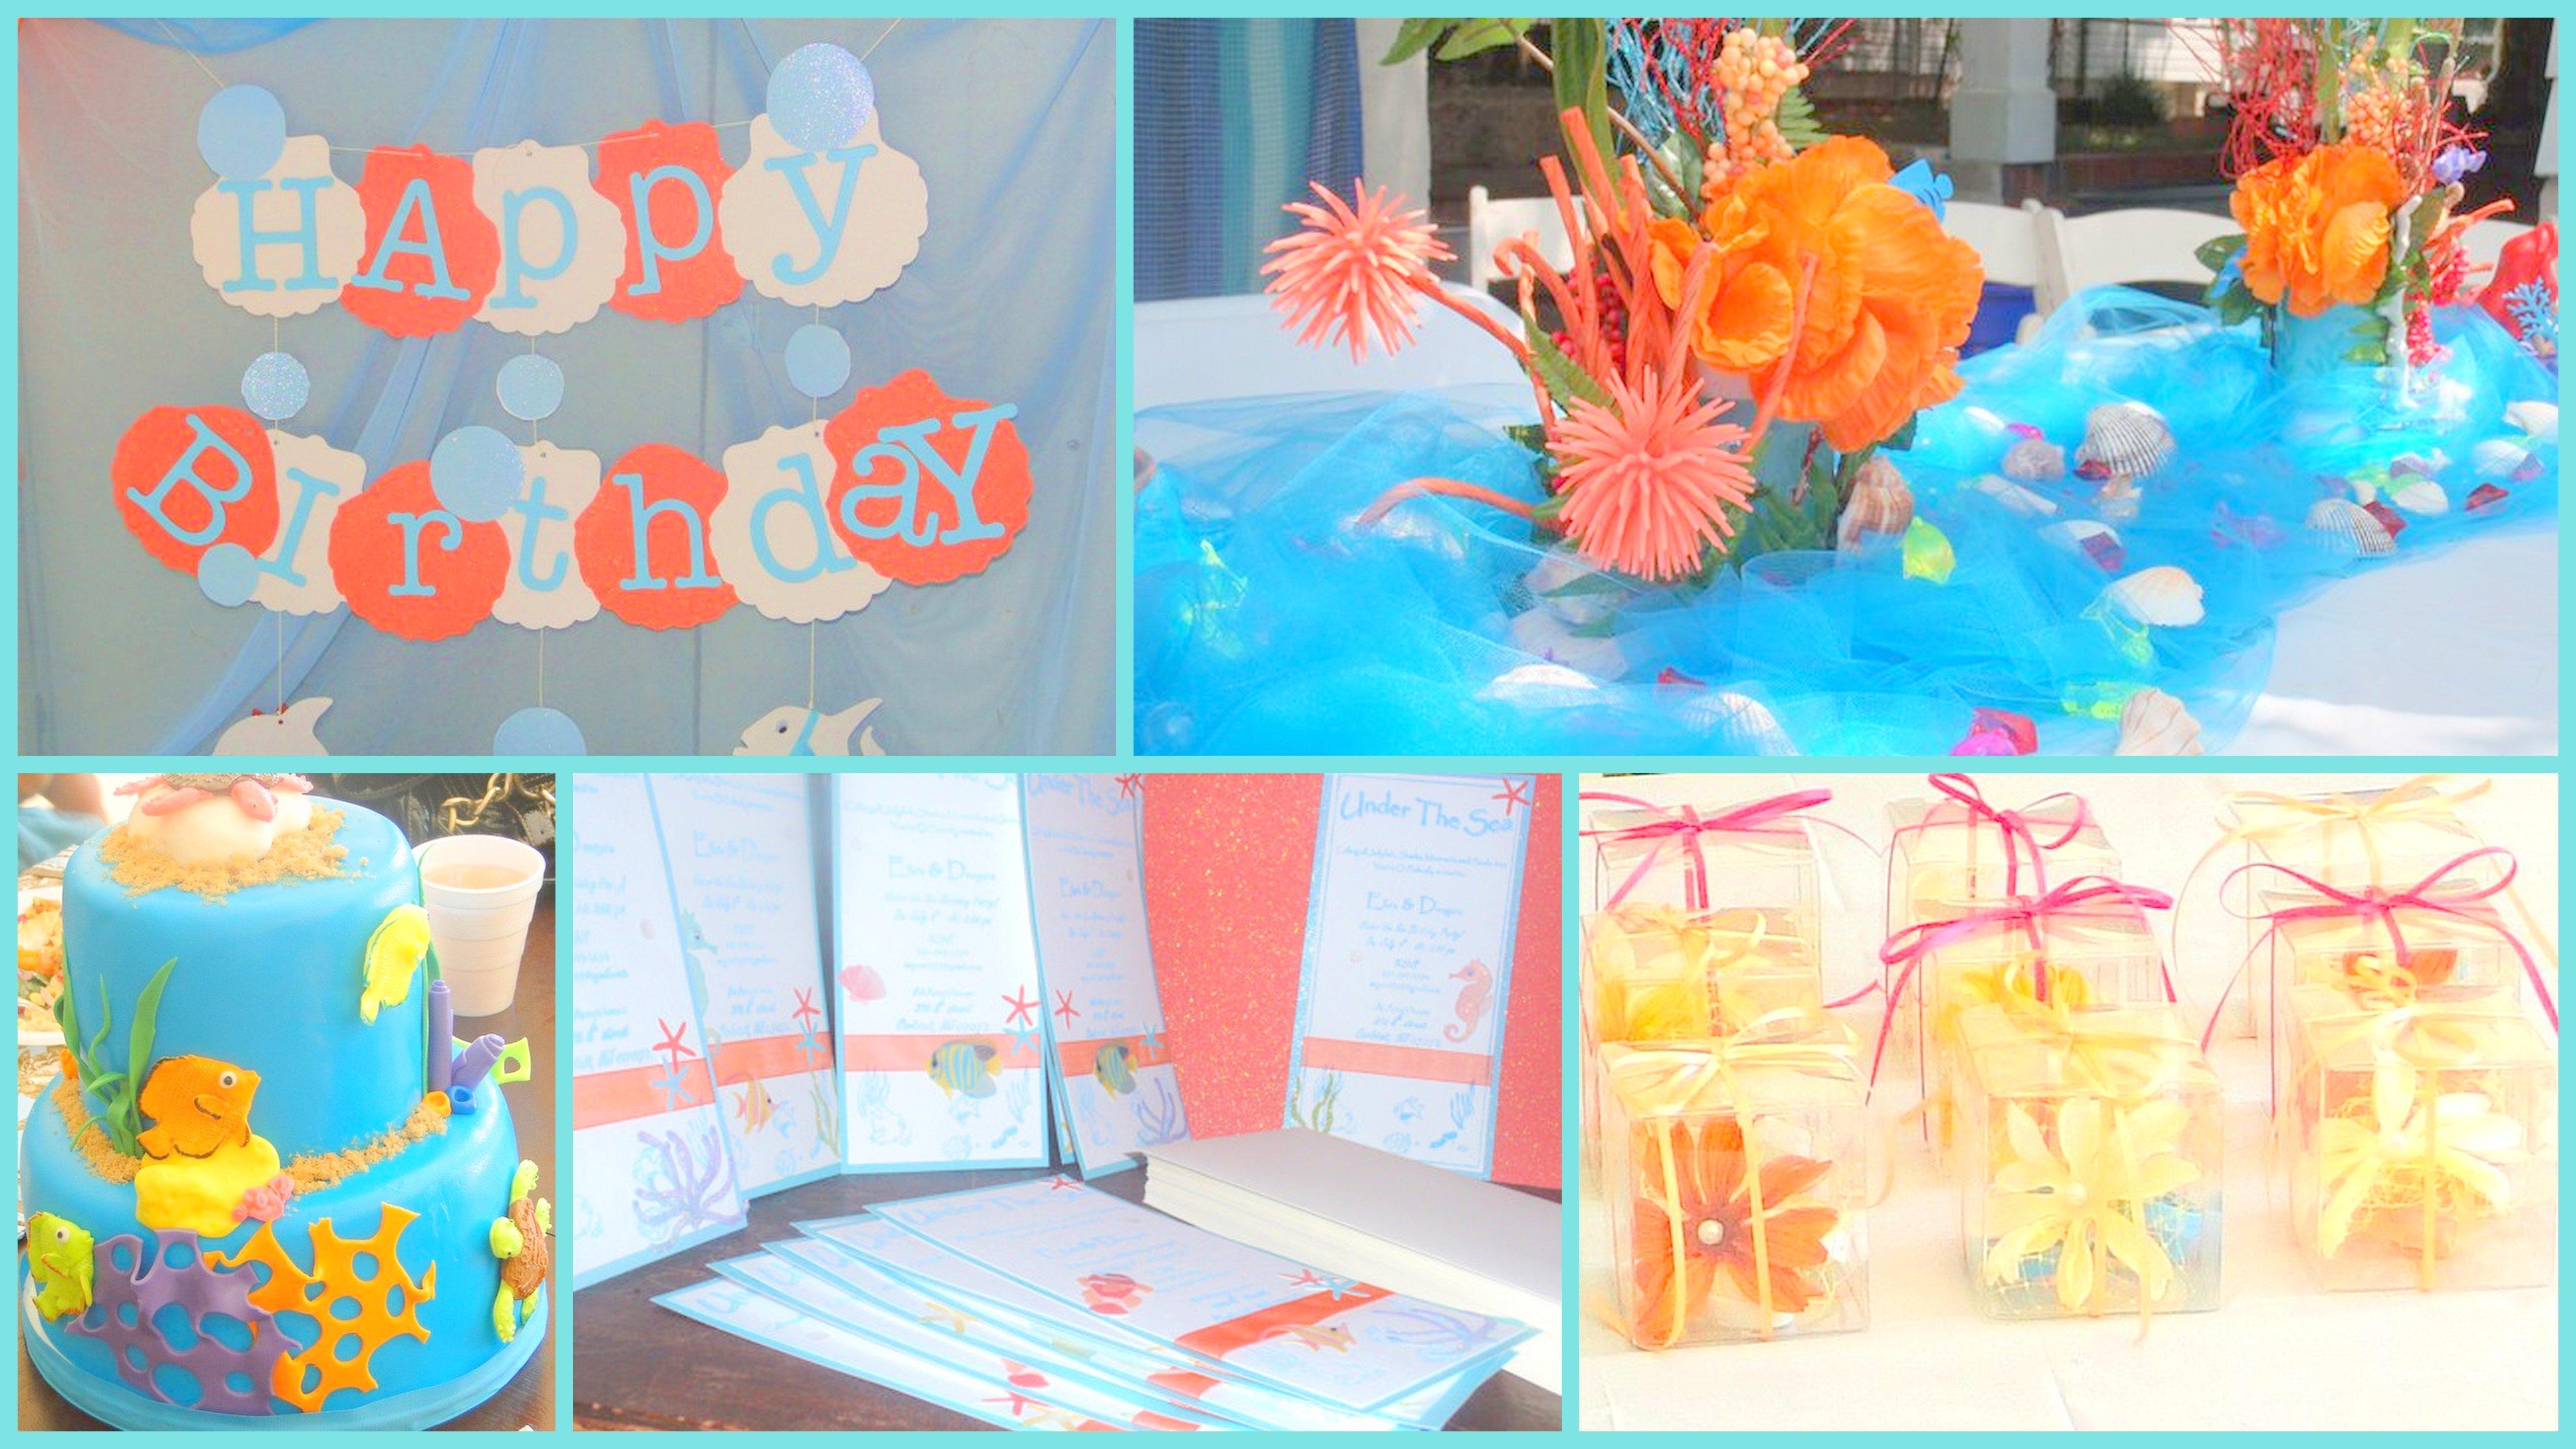 10 Stunning Under The Sea Birthday Party Ideas under the sea birthday party theme estrellitamama 2021